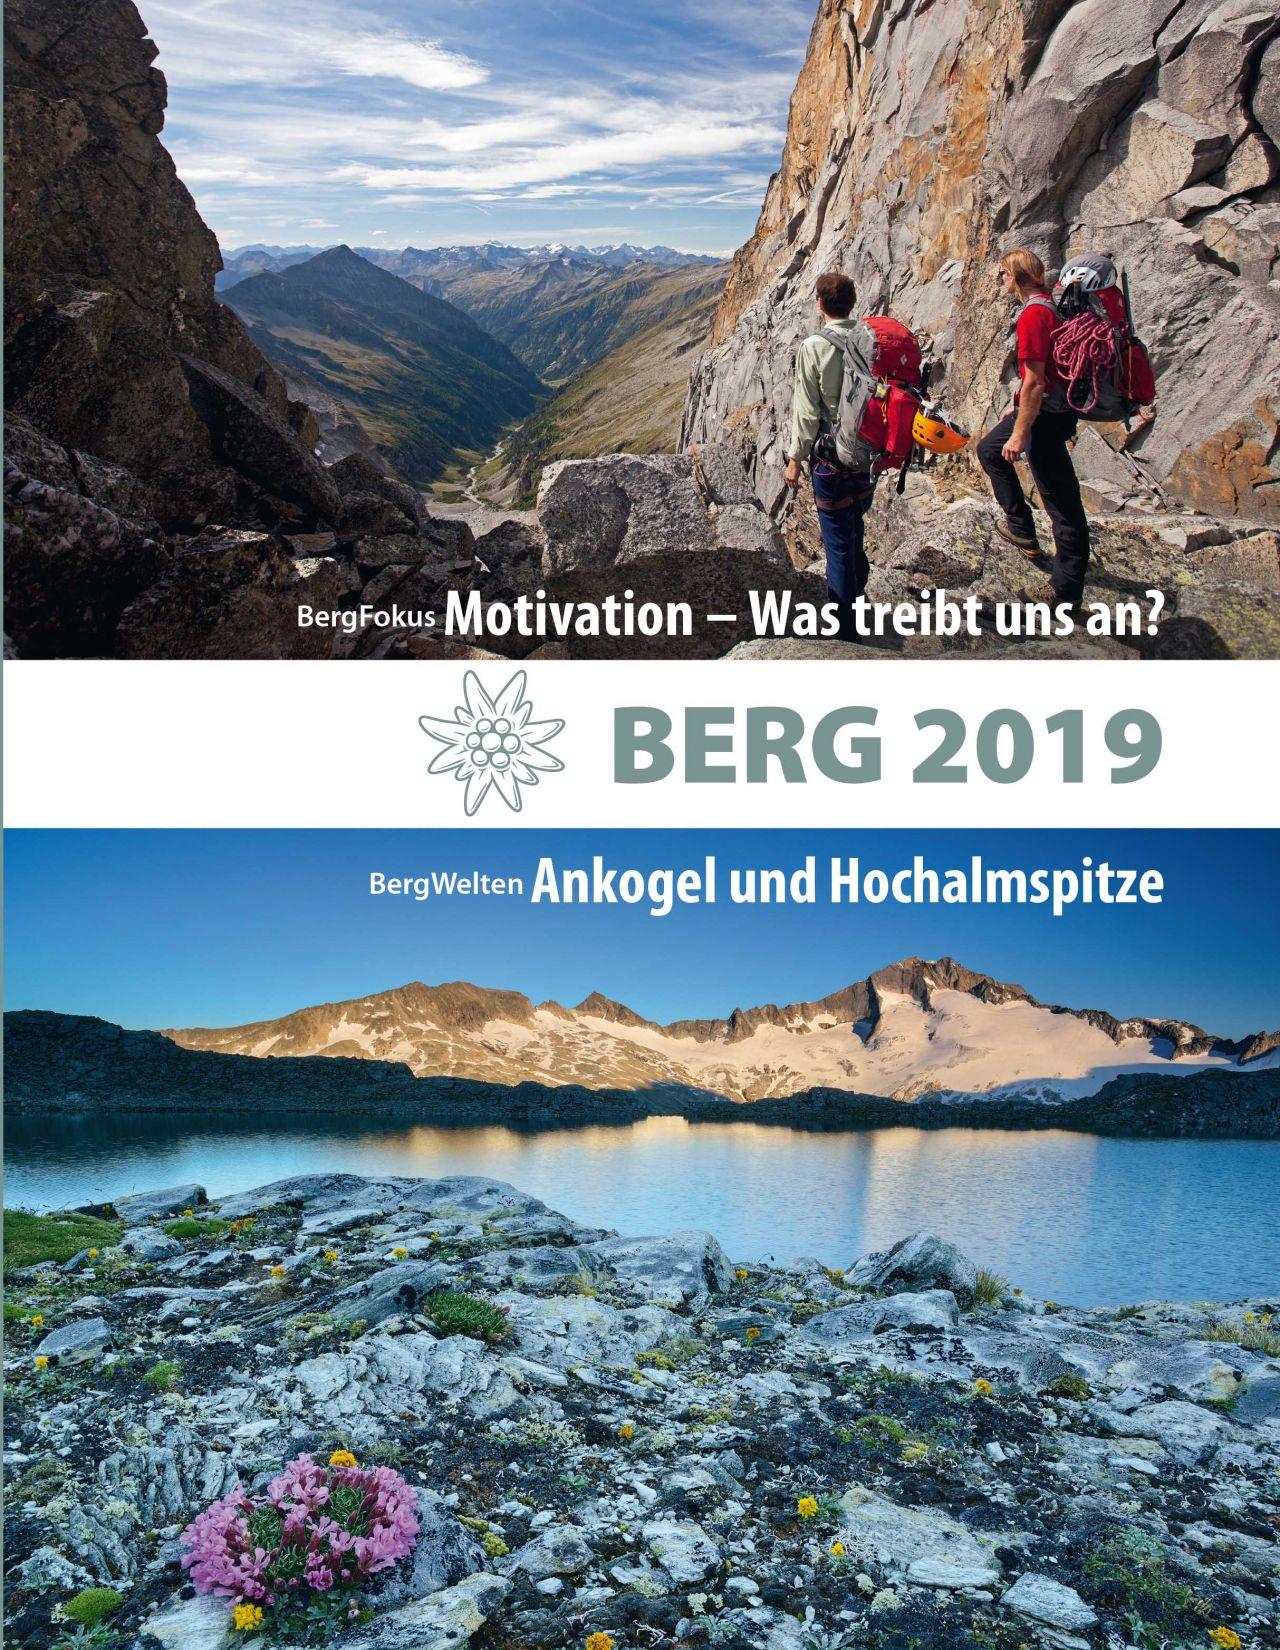 BERG 2019: